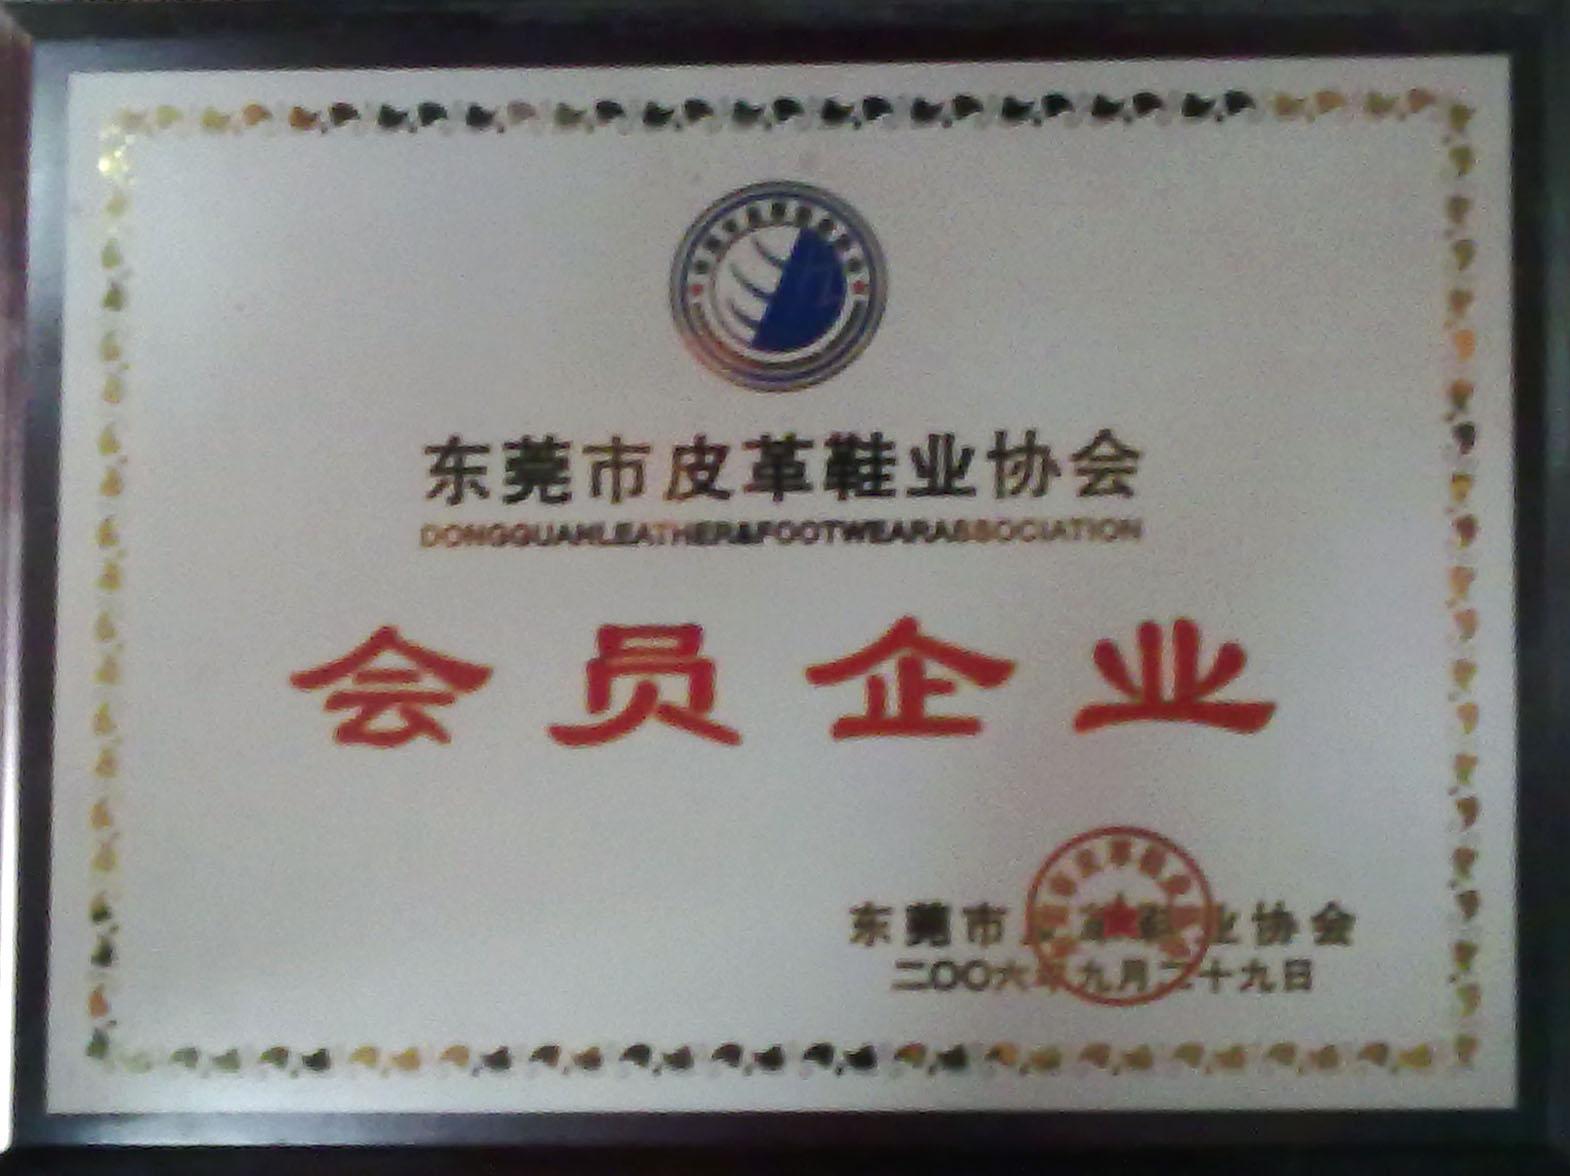 东莞皮革协会会员